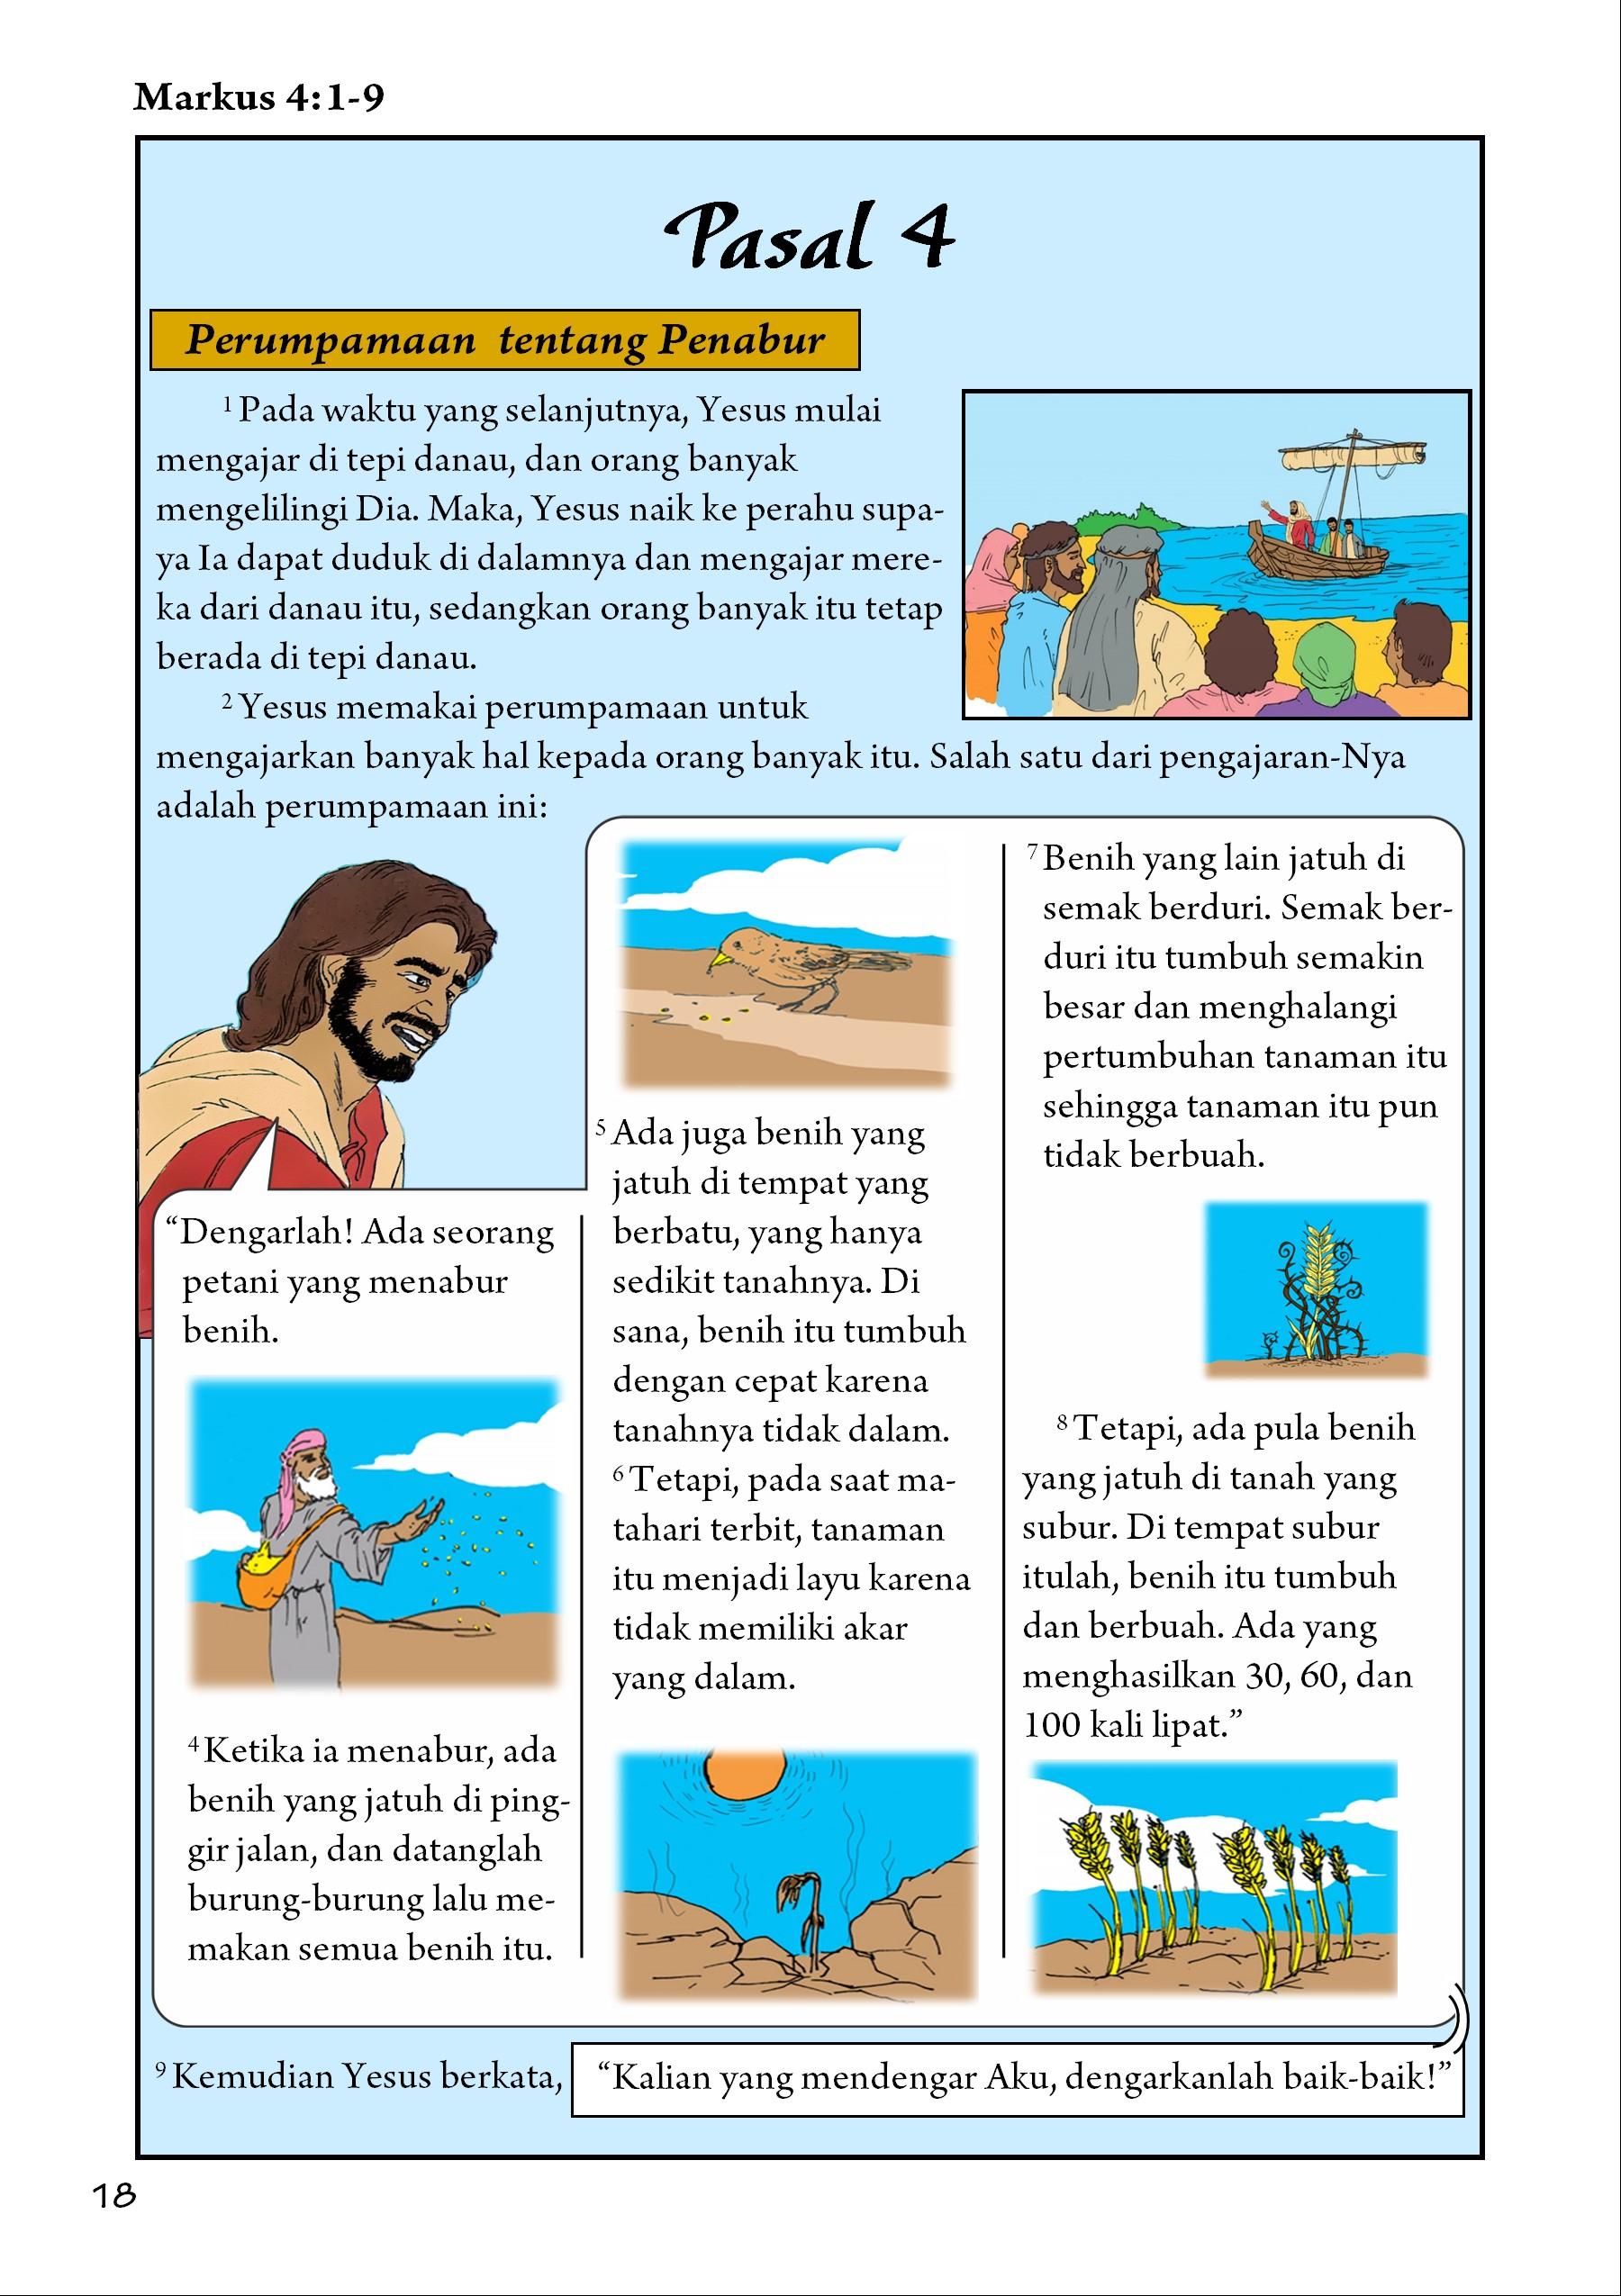 Markus 4:1-9